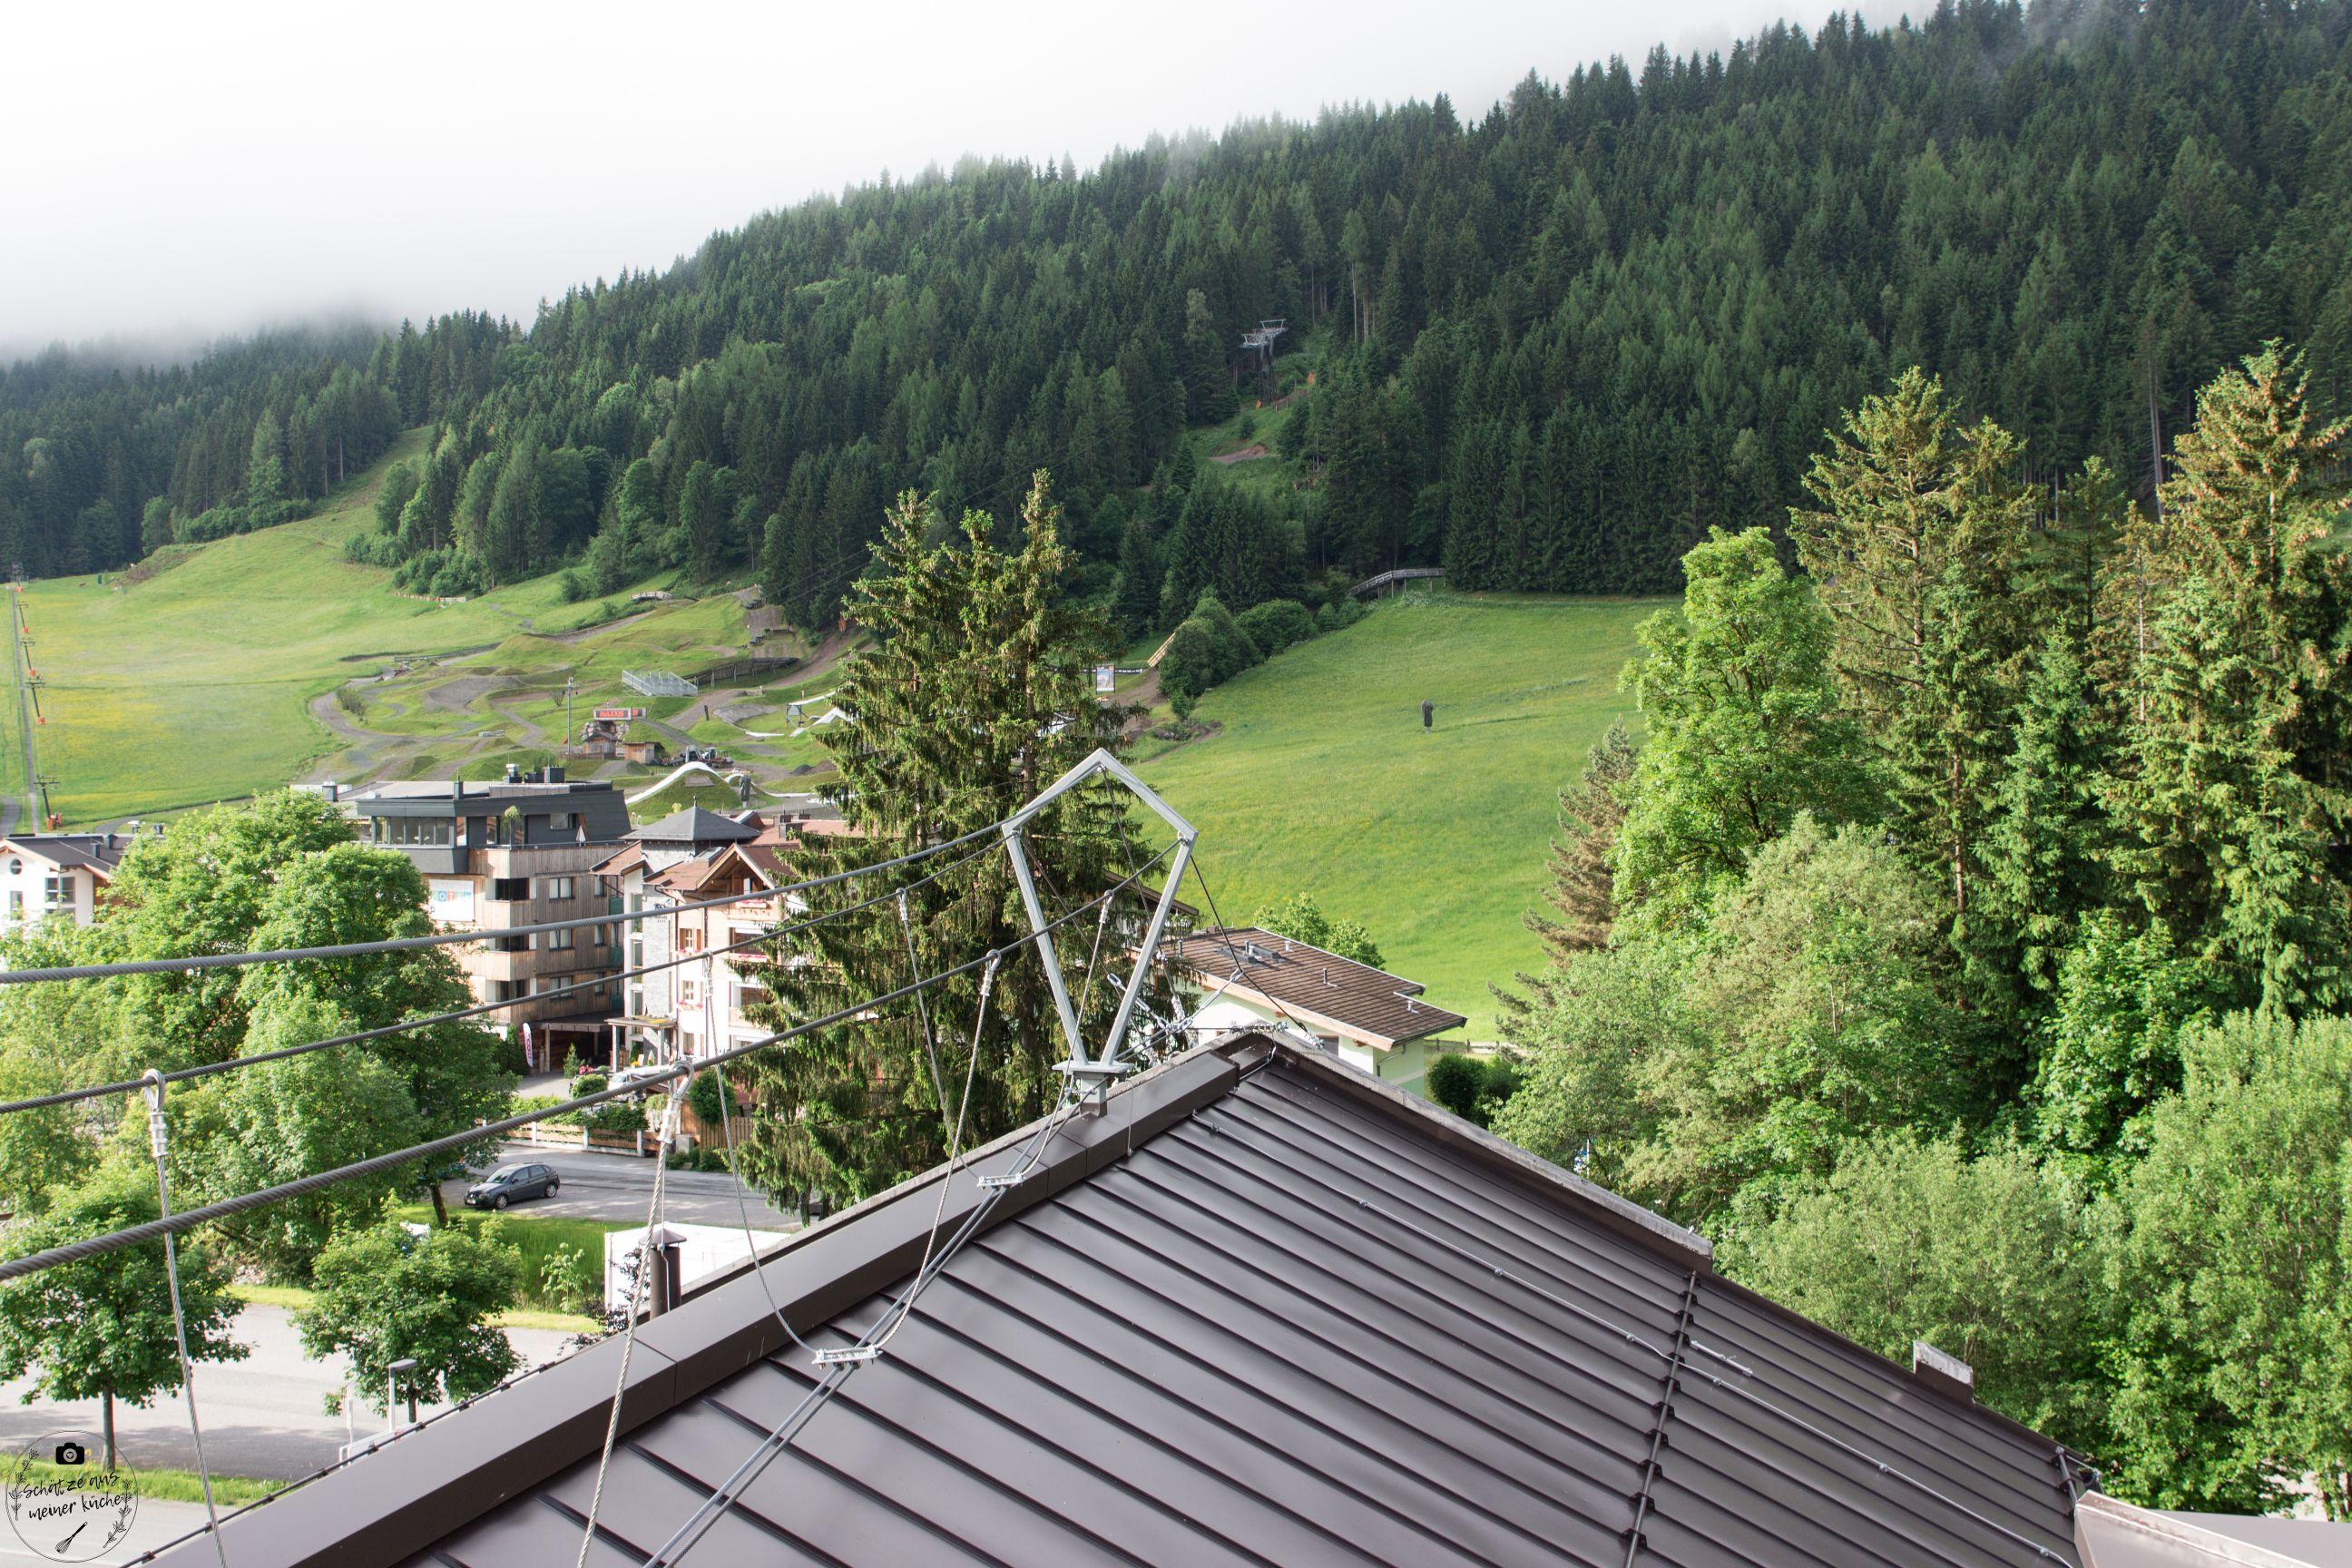 Kletterwand Dach mama thresl Kletterstieg Rooftop Terrasse